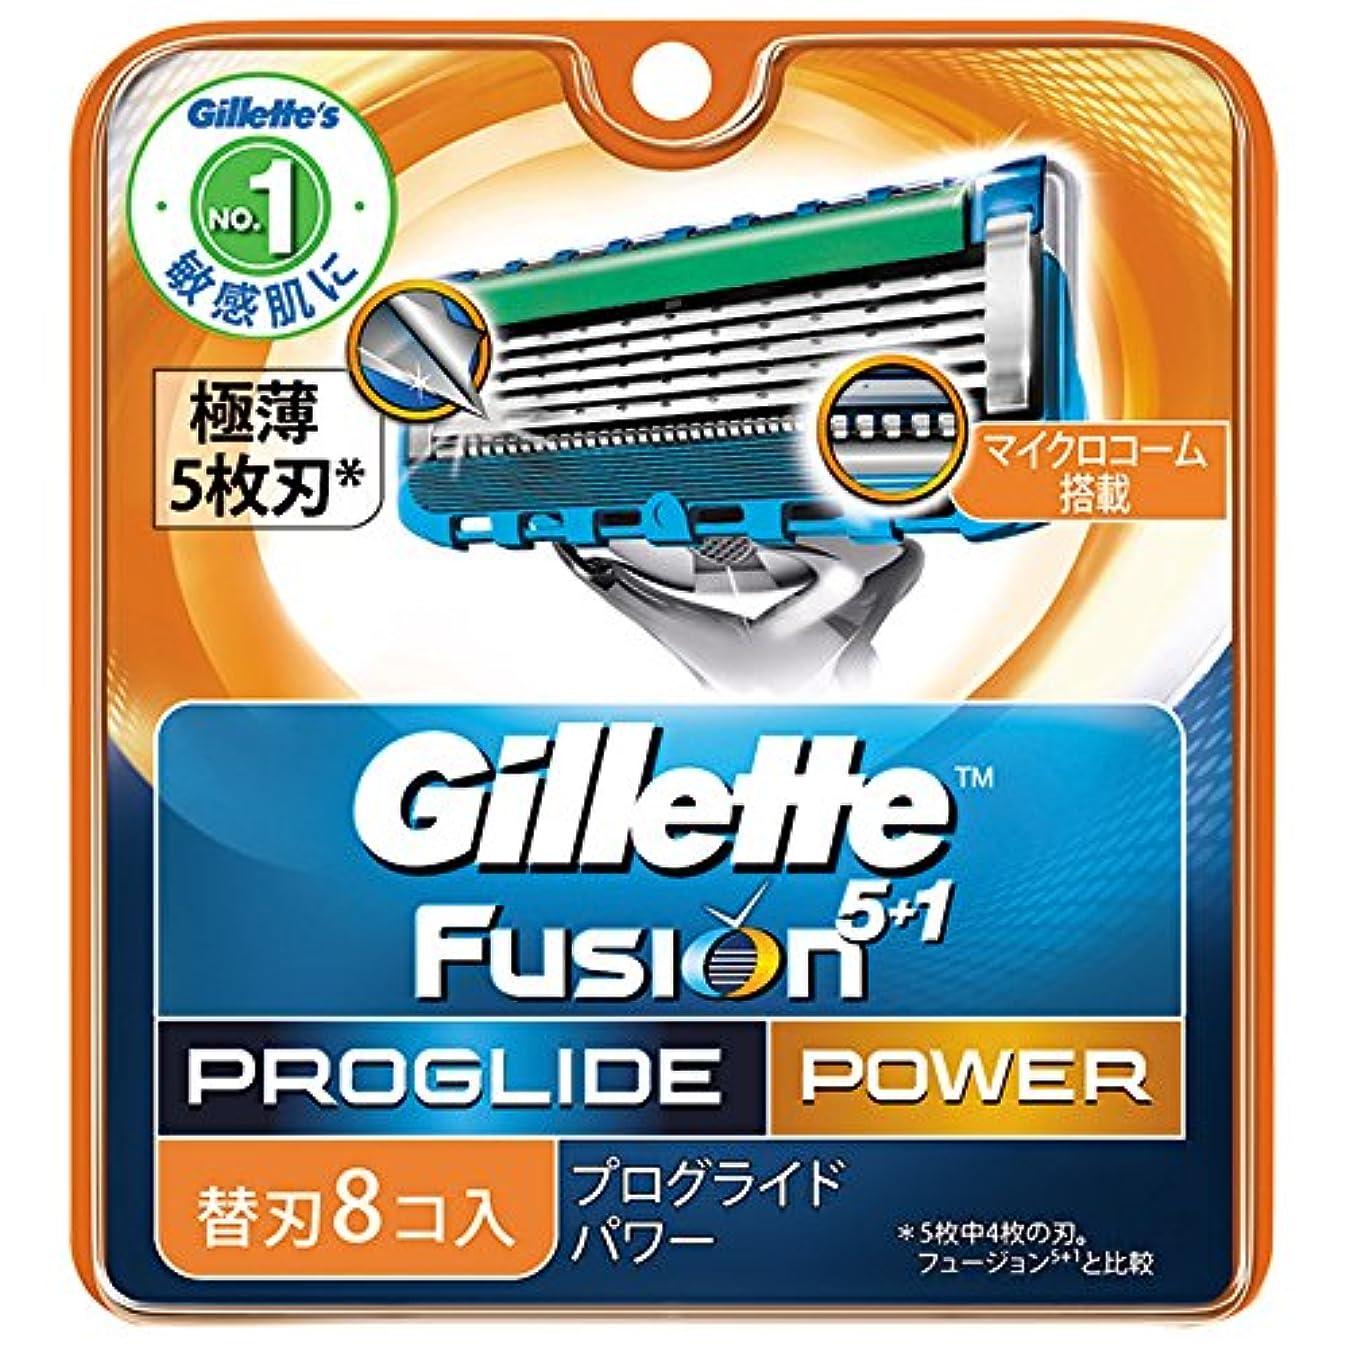 助けになる故意の先ジレット 髭剃り プログライド フレックスボール パワー 替刃8個入